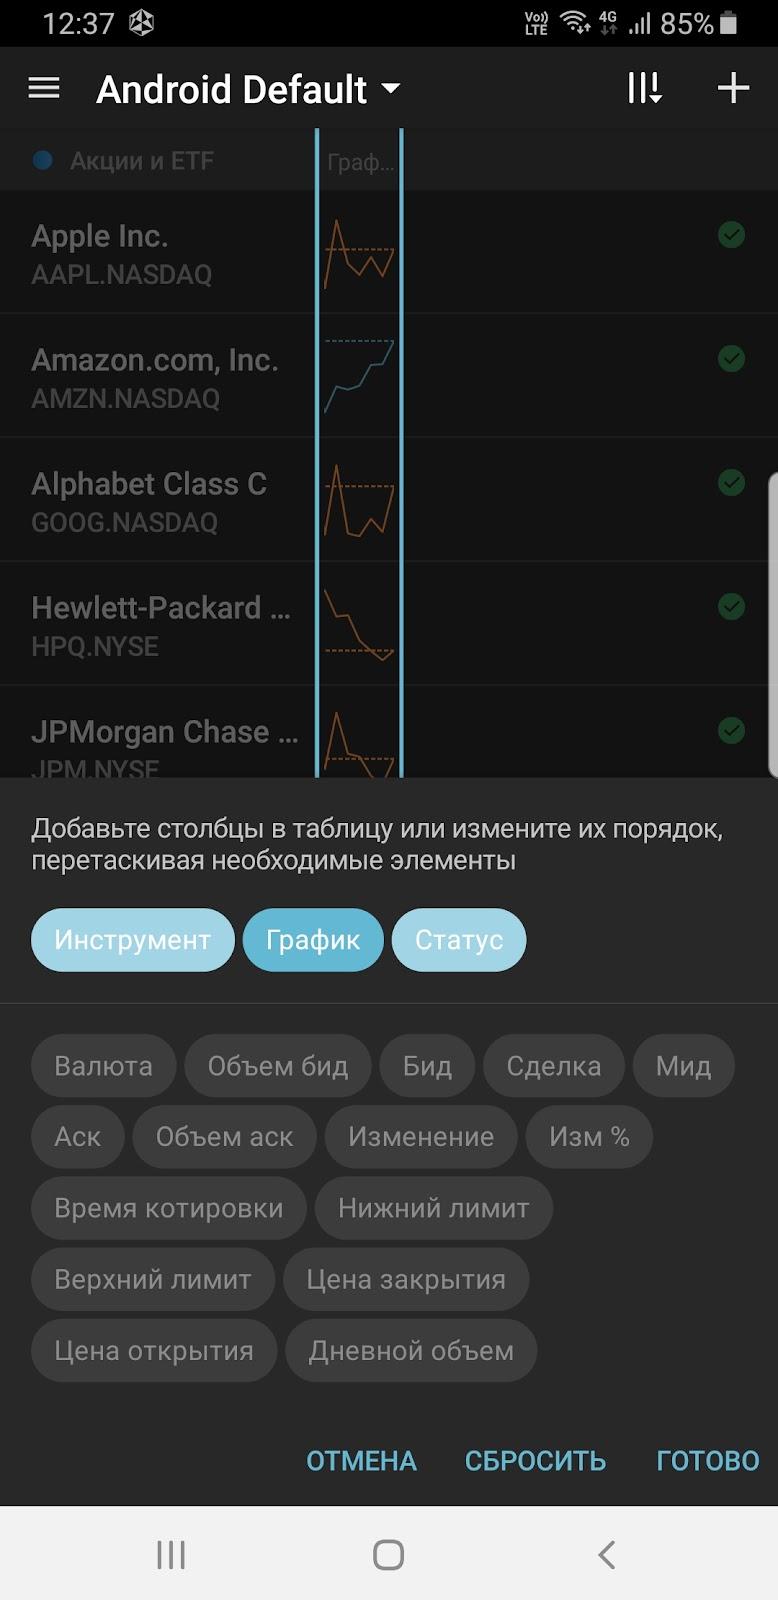 Мини-графики: Новый способ мониторинга избранных котировок на Android